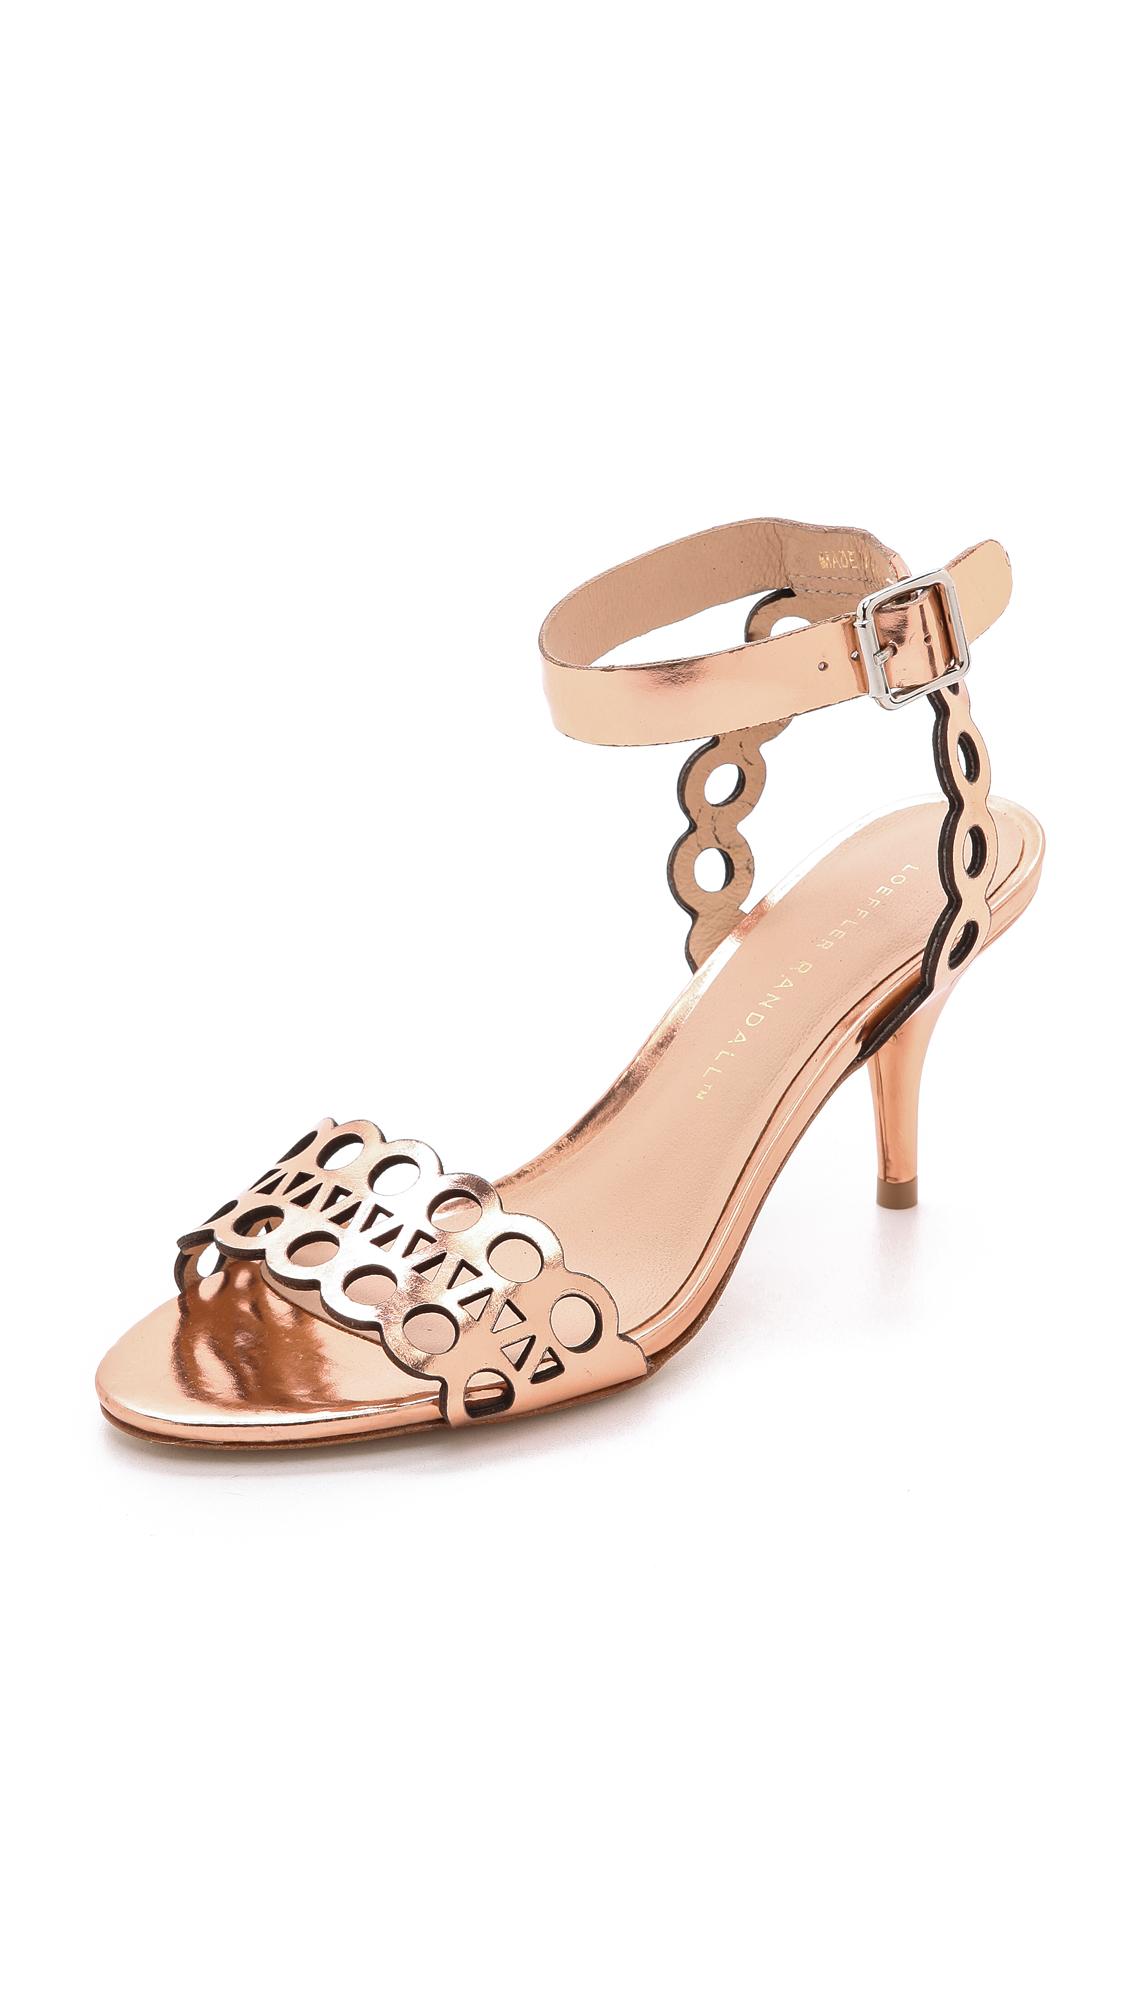 Loeffler randall Opal Kitten Heel Sandals Copper in Metallic | Lyst